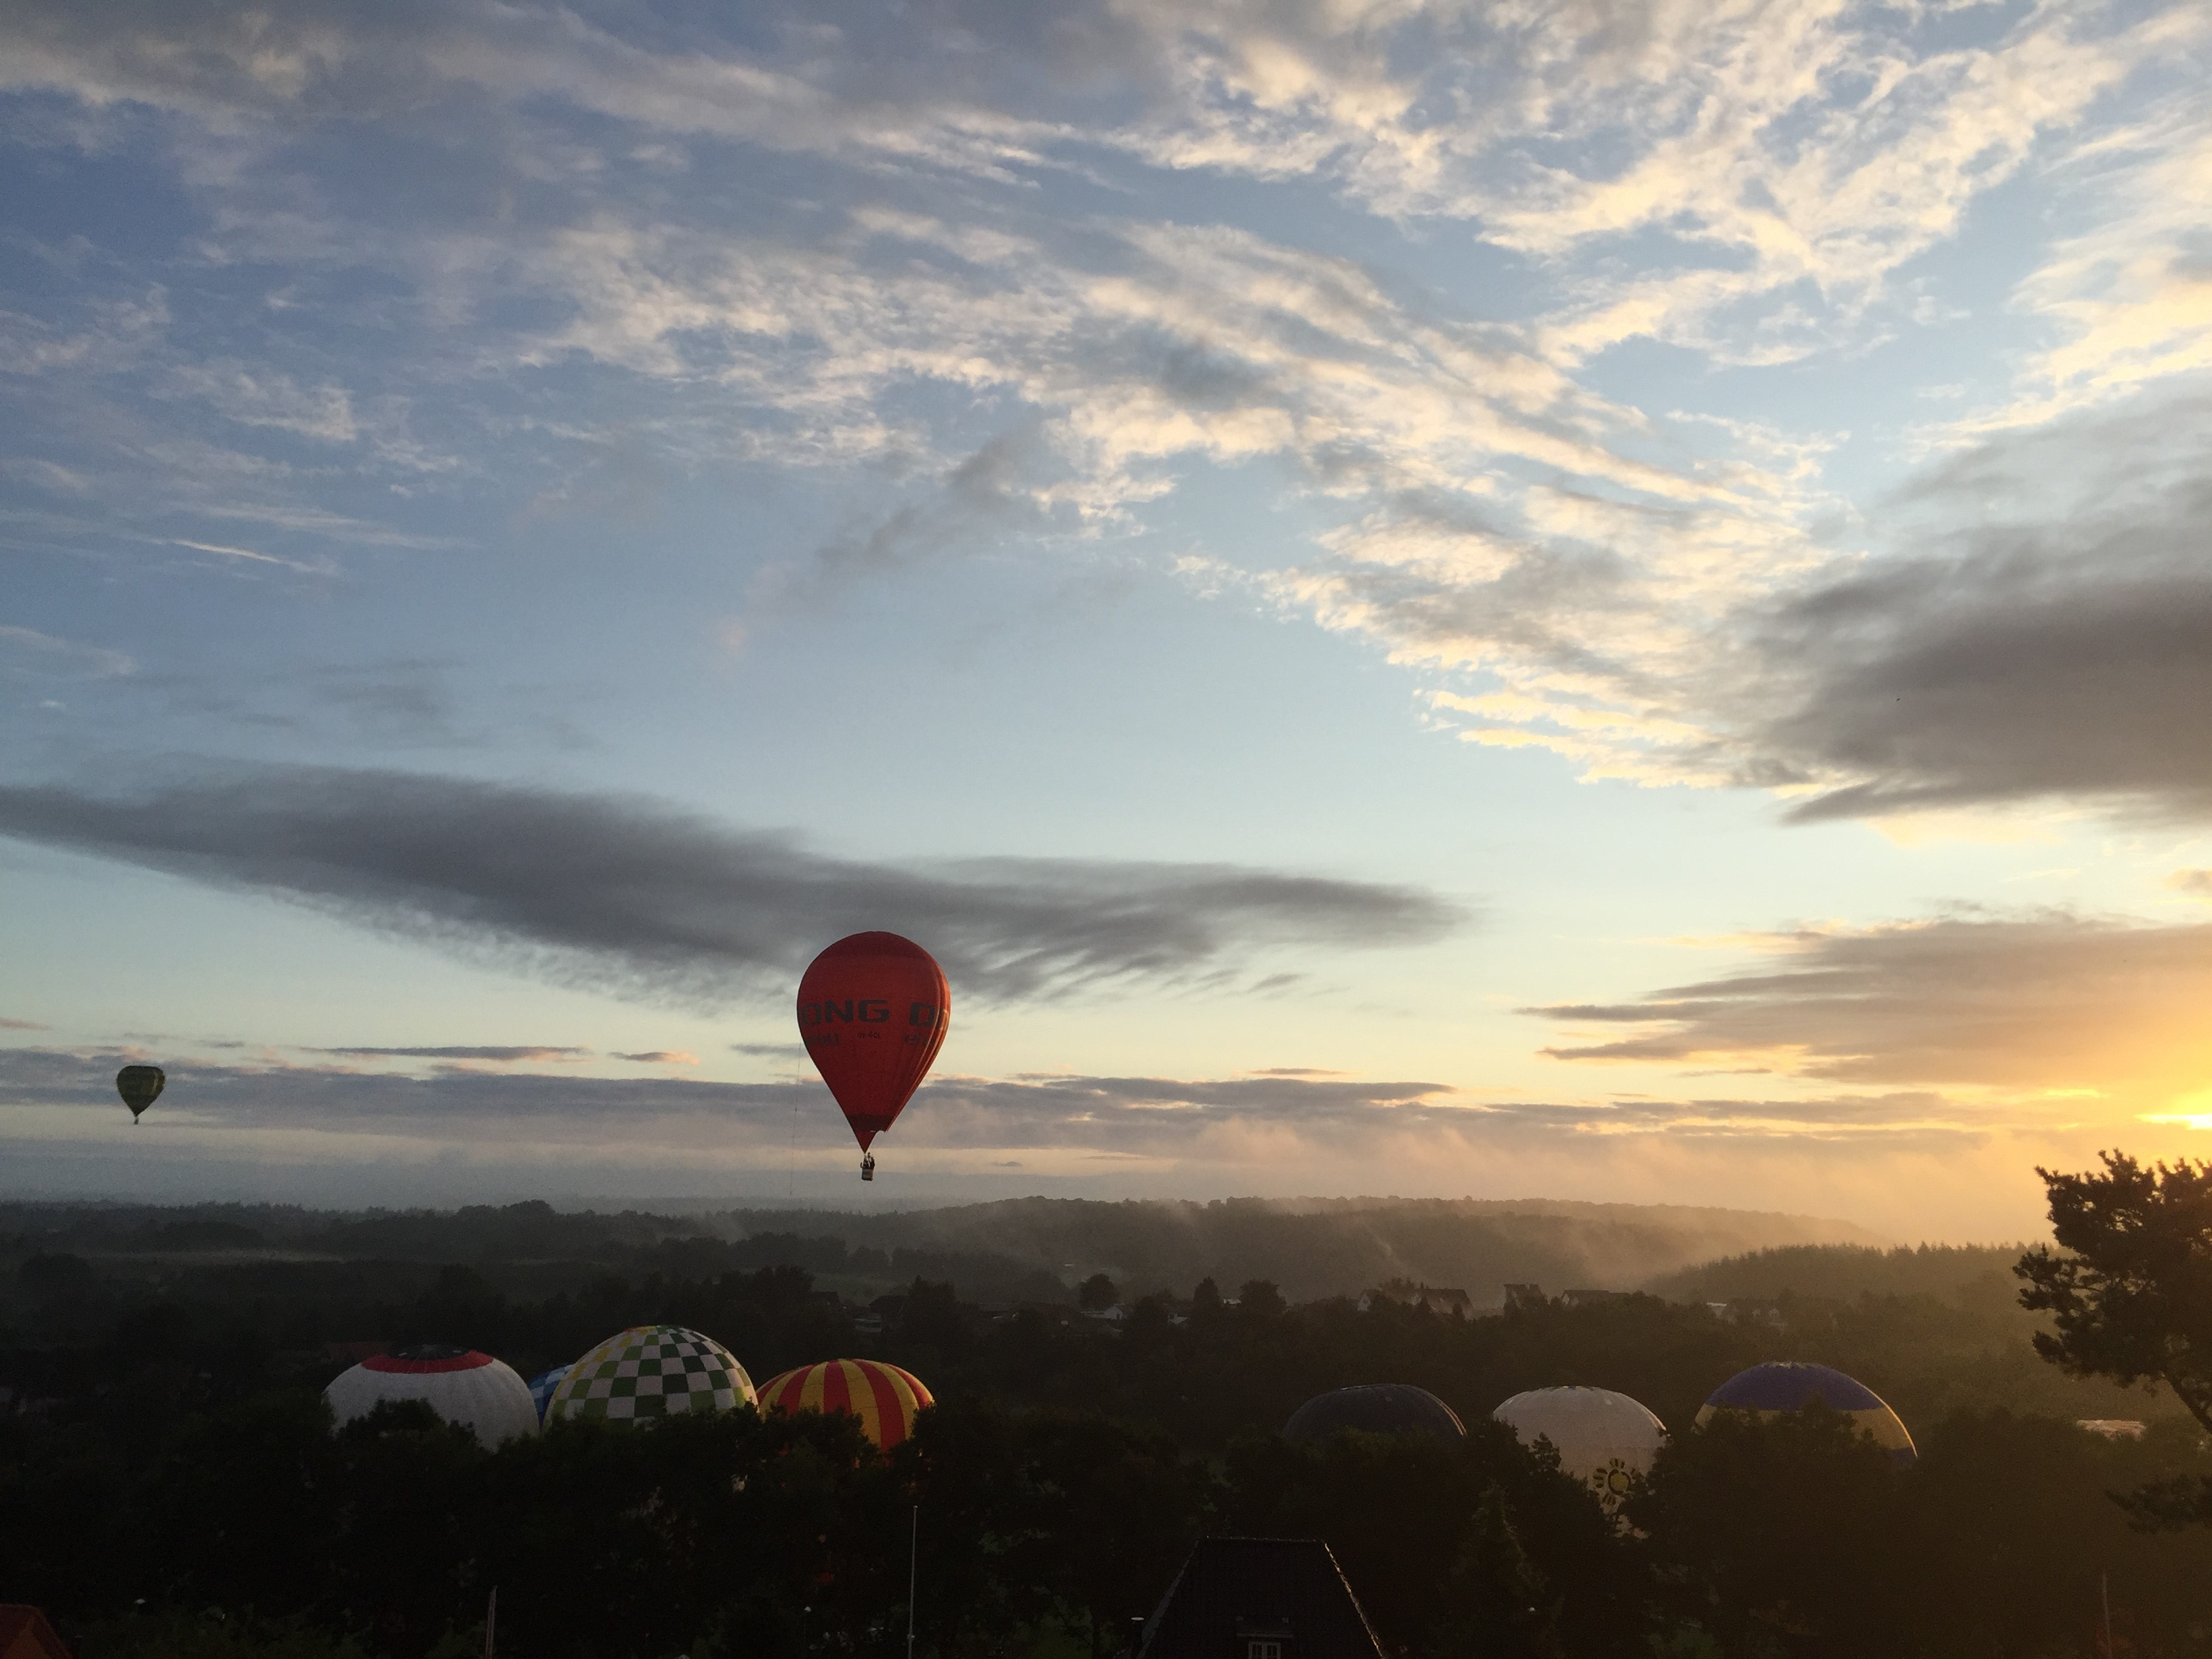 luftballon_daniel_krigslund_silkeborg.jpg